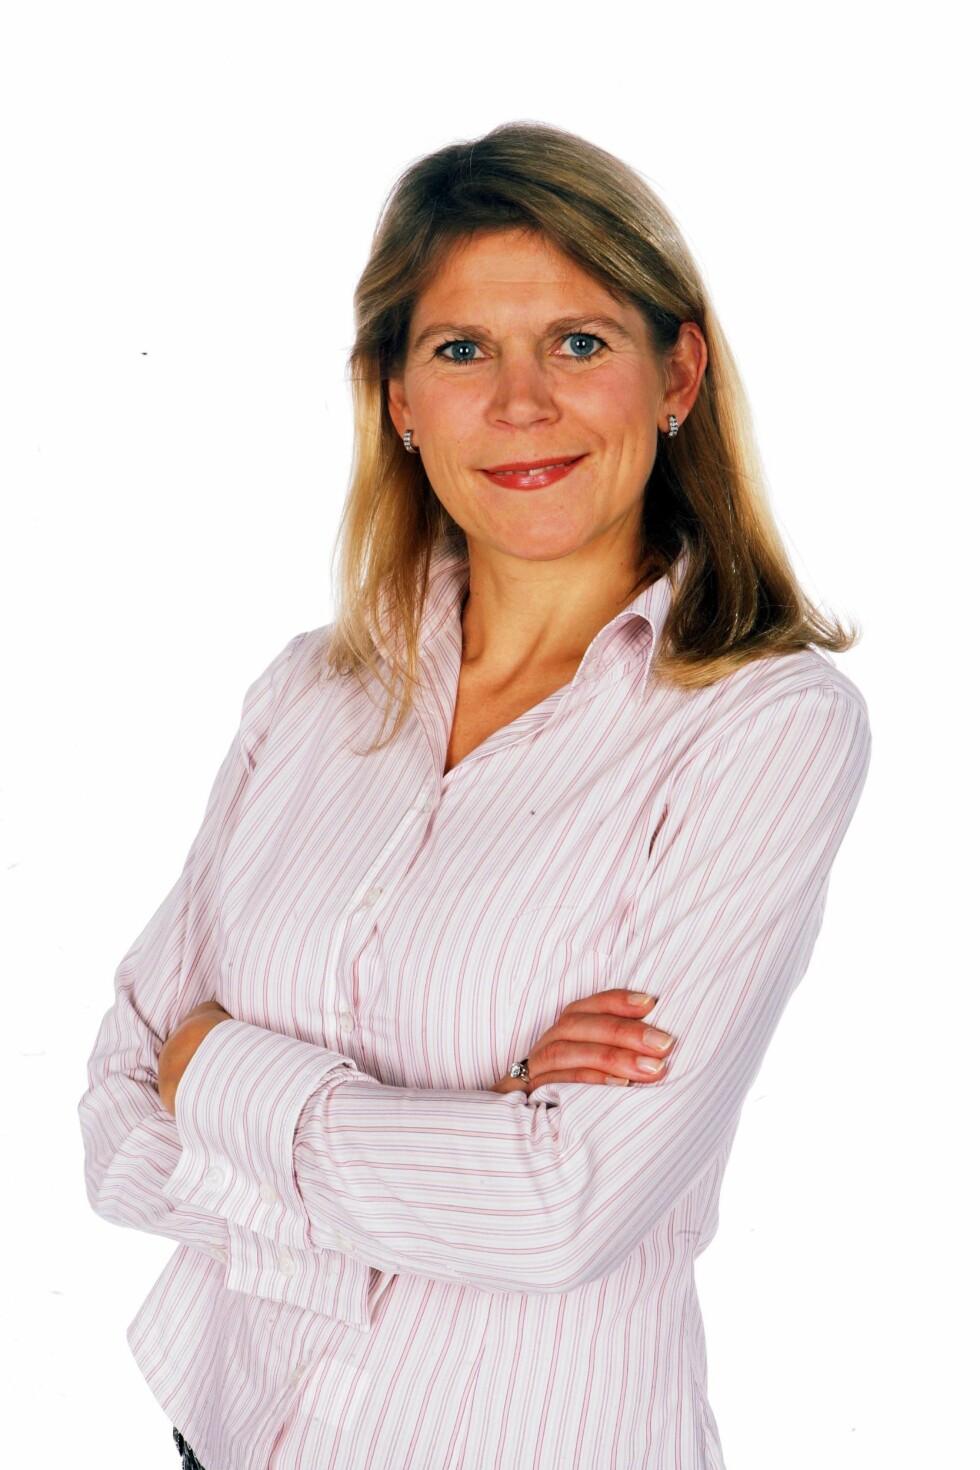 Siw Ødegaard er fast ekspert på kk.no og svarer på spørsmål om jobb & økonomi.